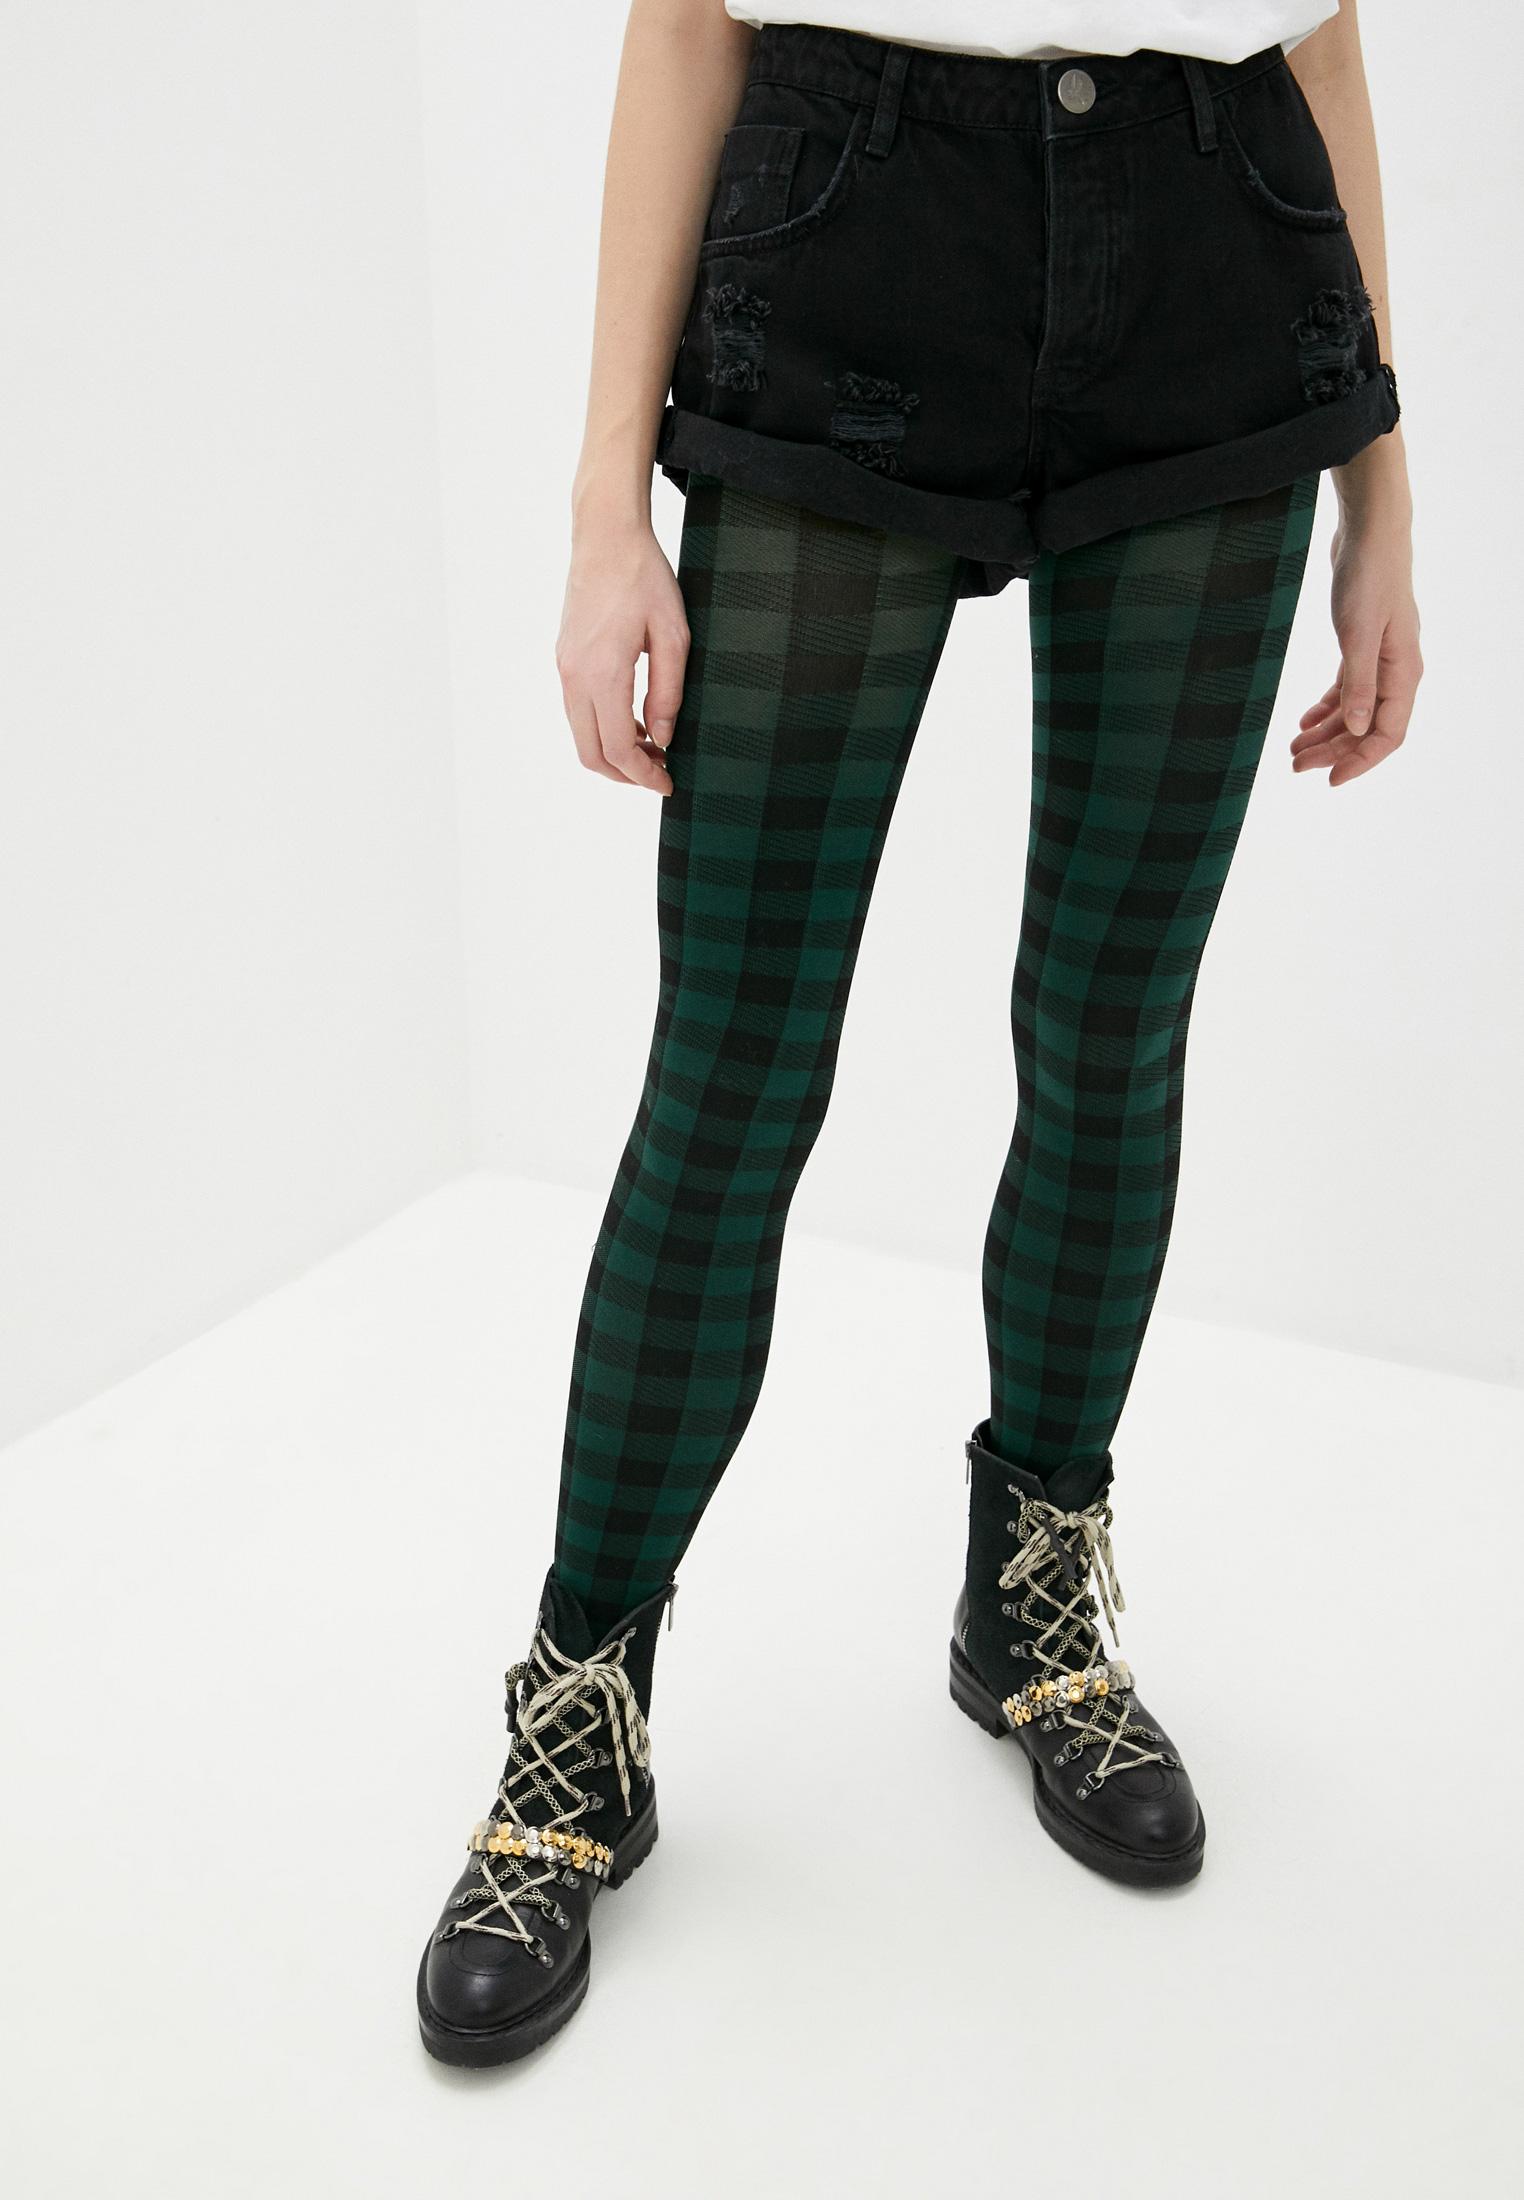 Женские джинсовые шорты One Teaspoon (Вантиспун) 22620